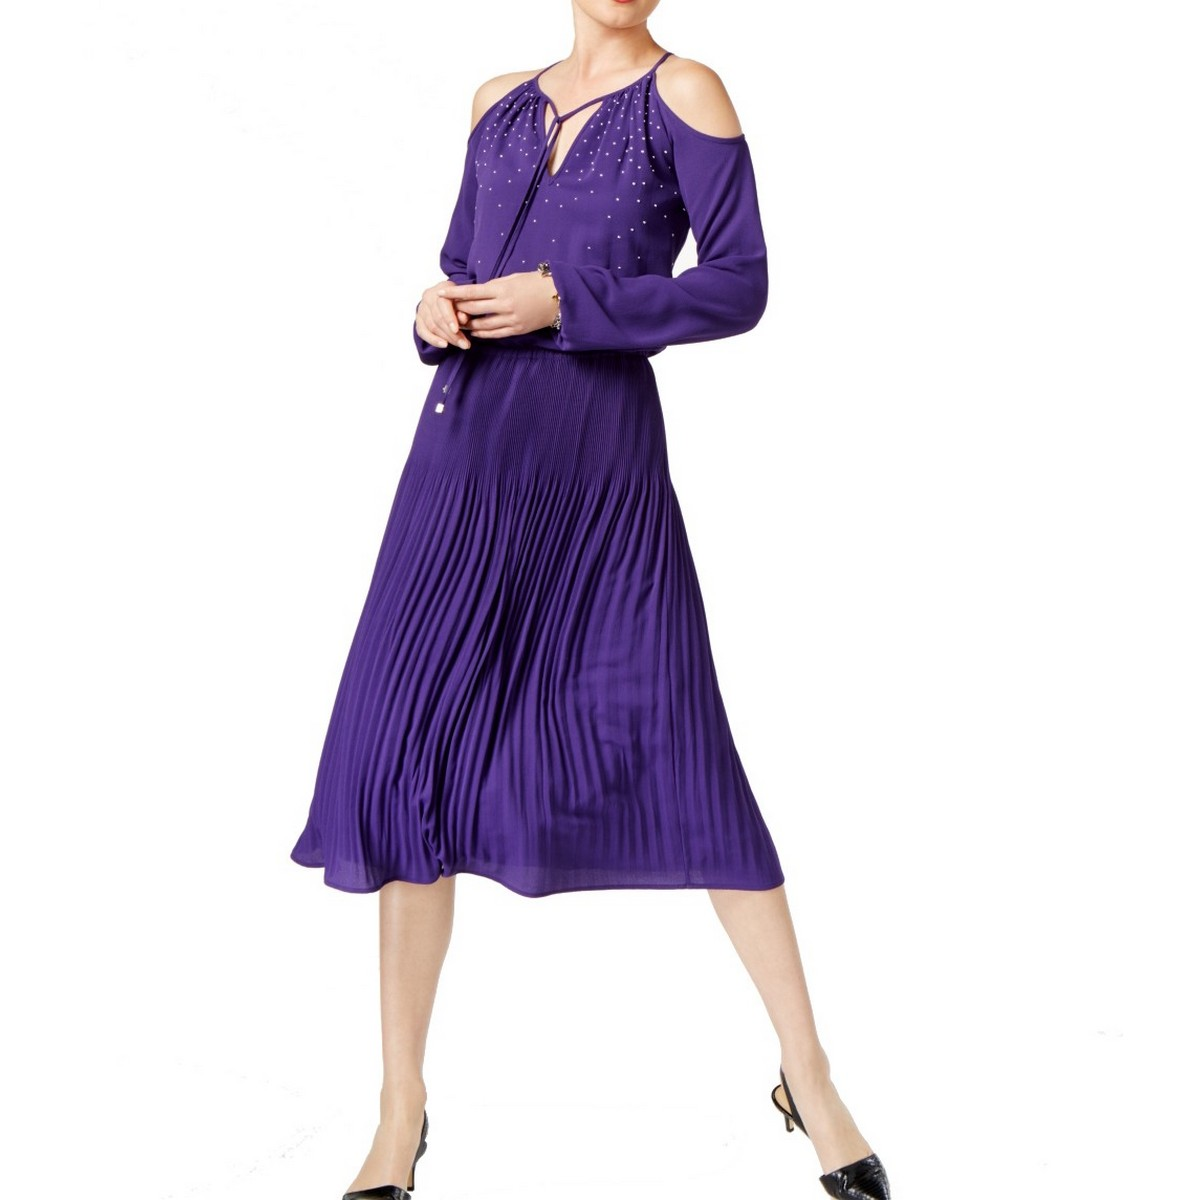 4105c0fb7db5 Detalles de Michael Kors Nueva,para Dama Iris Adornado Hombros Descubiertos  Vestido Línea en